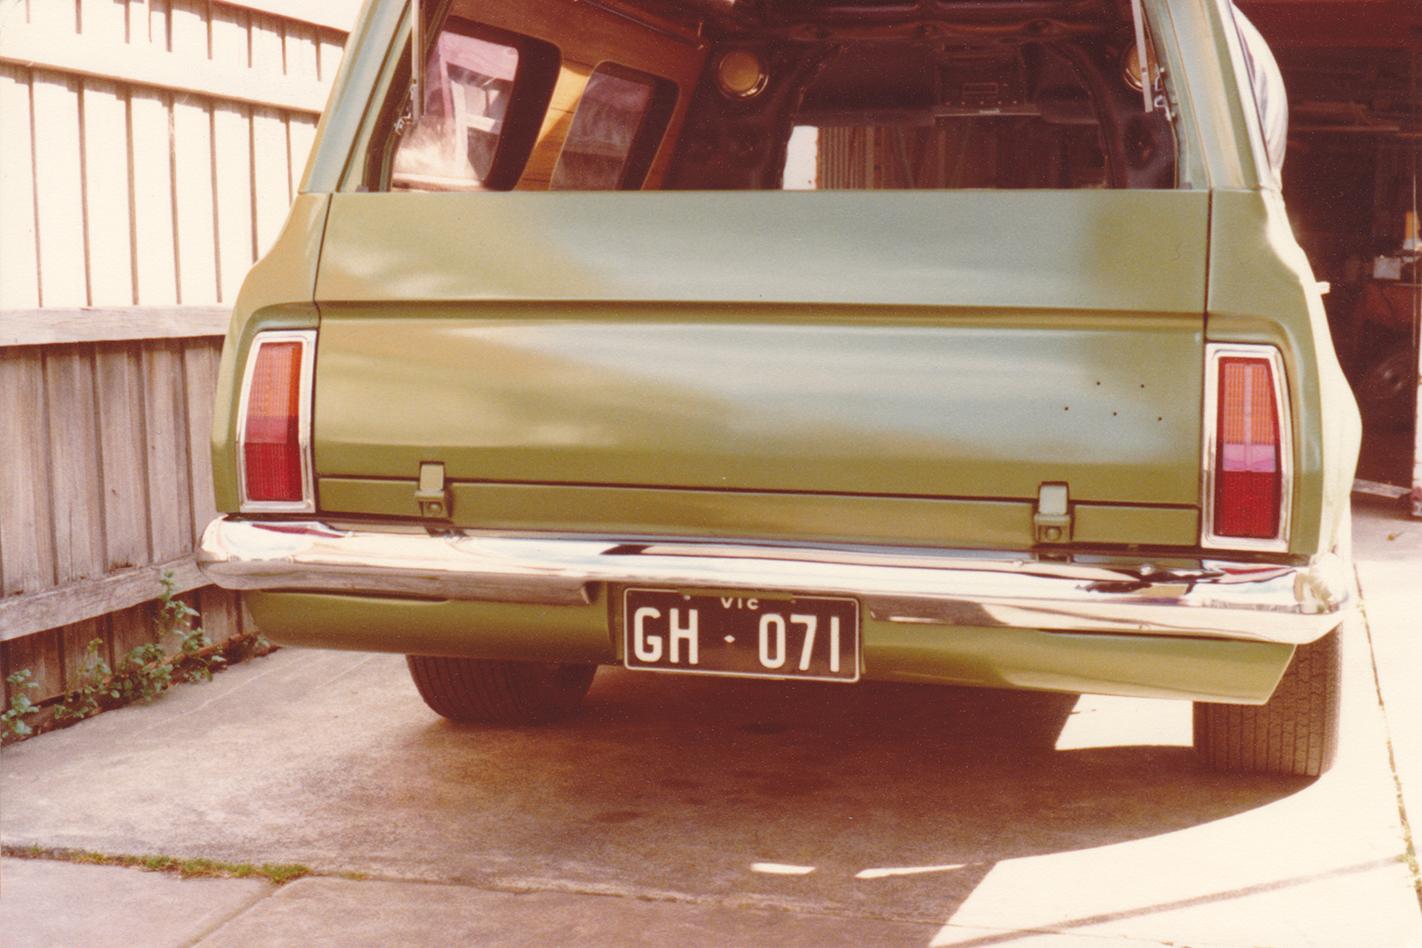 Green -Knight -HG-Panelvan -rear